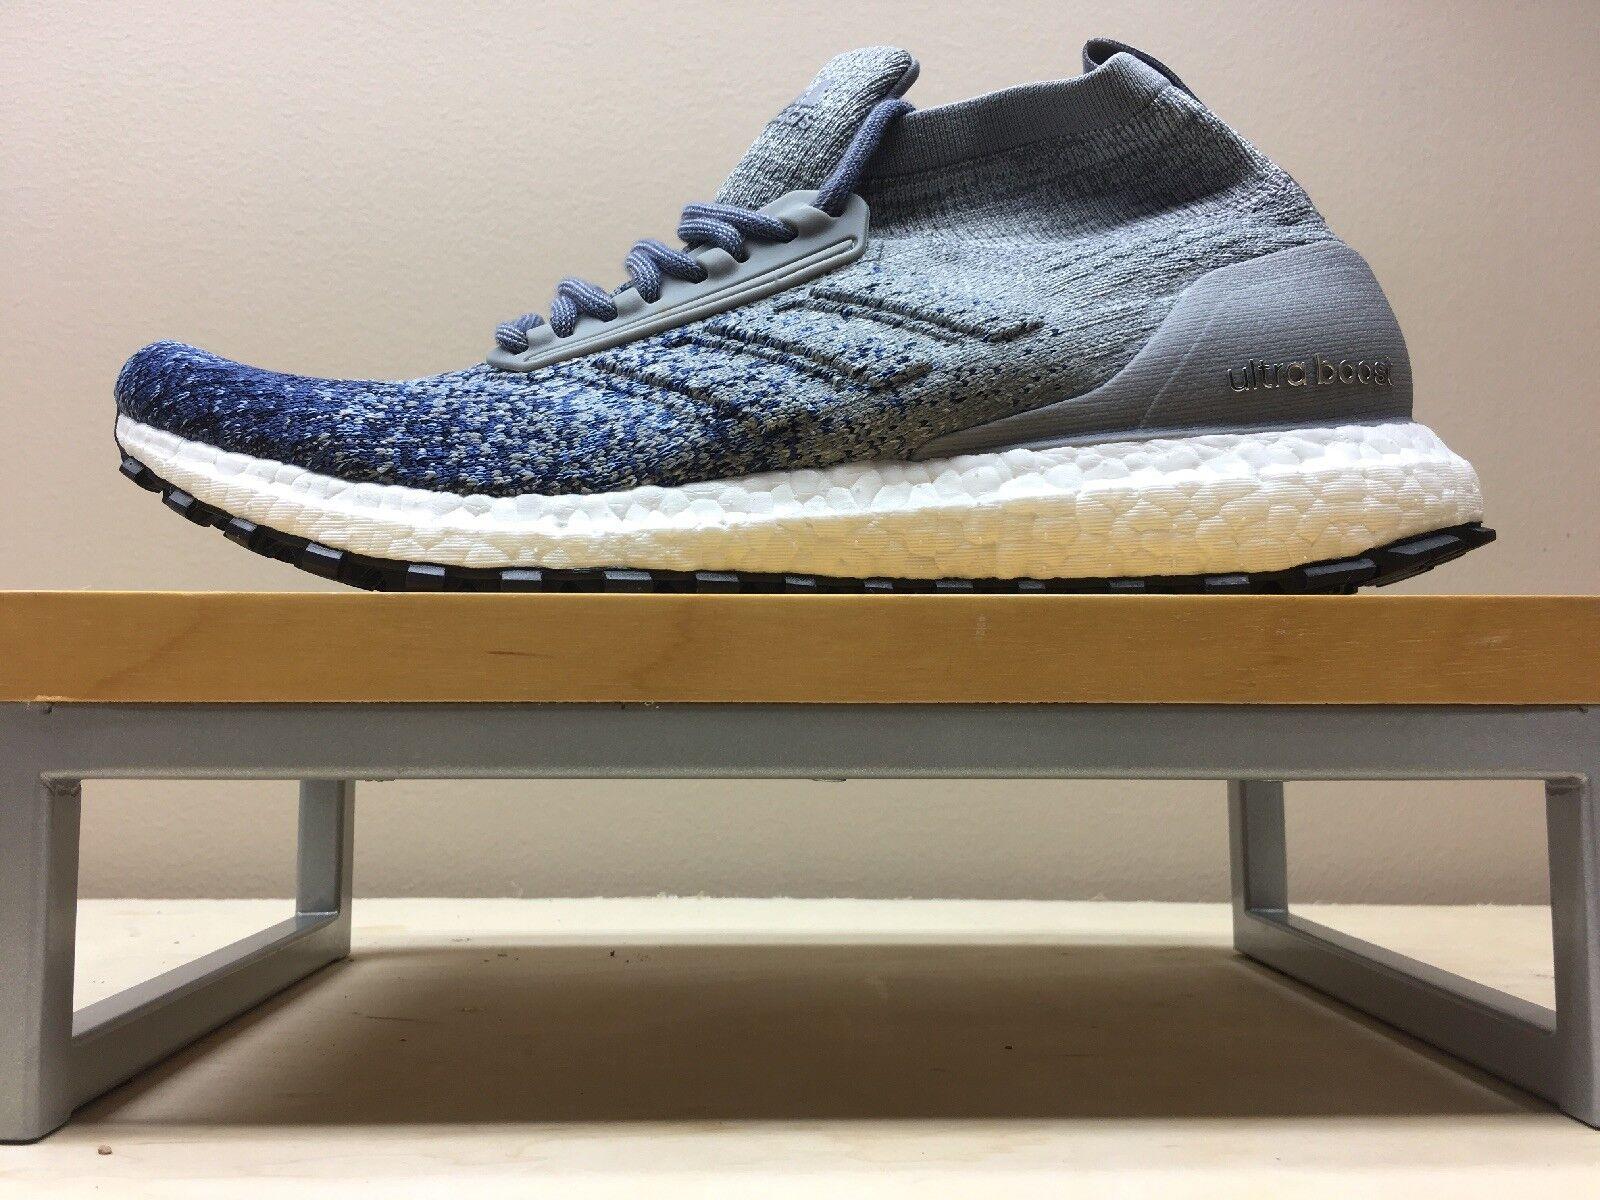 chaussures max de sport nike air max chaussures motion num-38 blanc 0d13a9